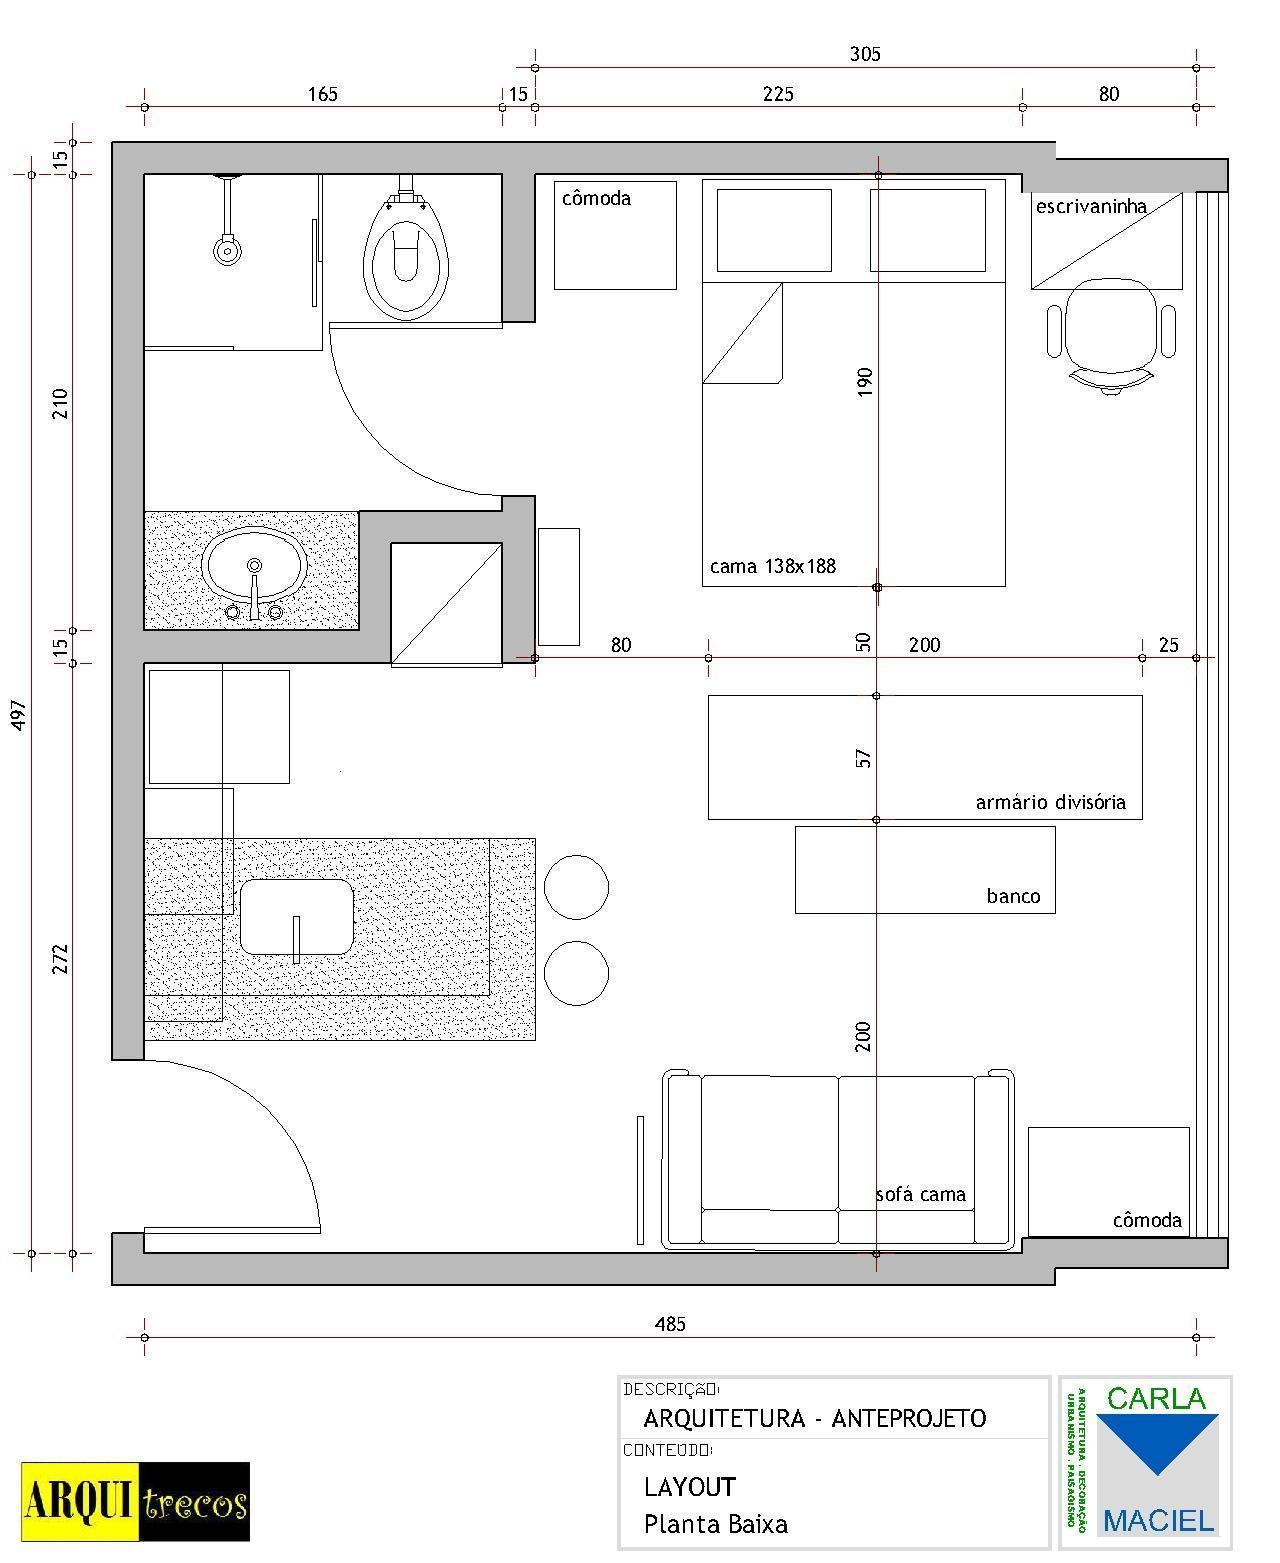 de decoração Arquitrecos: Projeto Arquitrecos Soluções para #015AB8 1280x1563 Banheiro Acessivel Tamanho